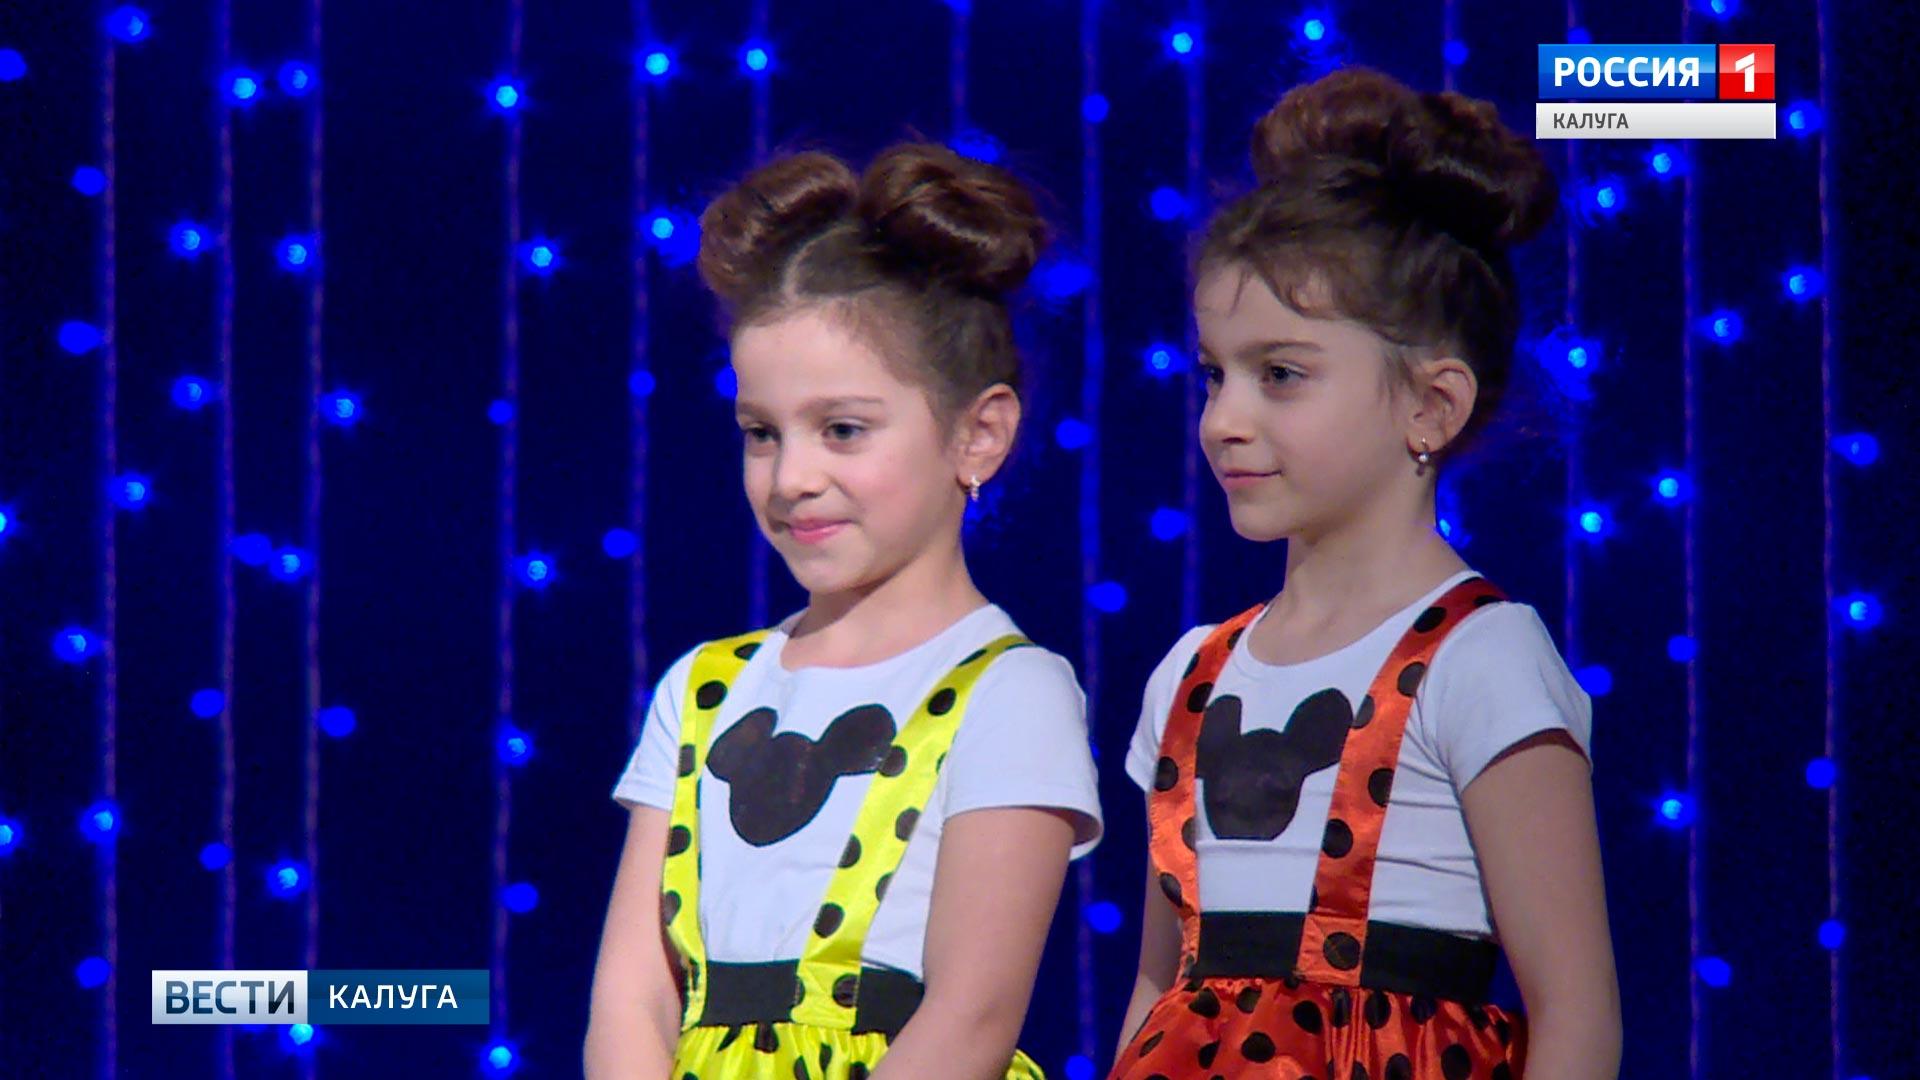 ВКалуге творческие близнецы собрались наодной сцене